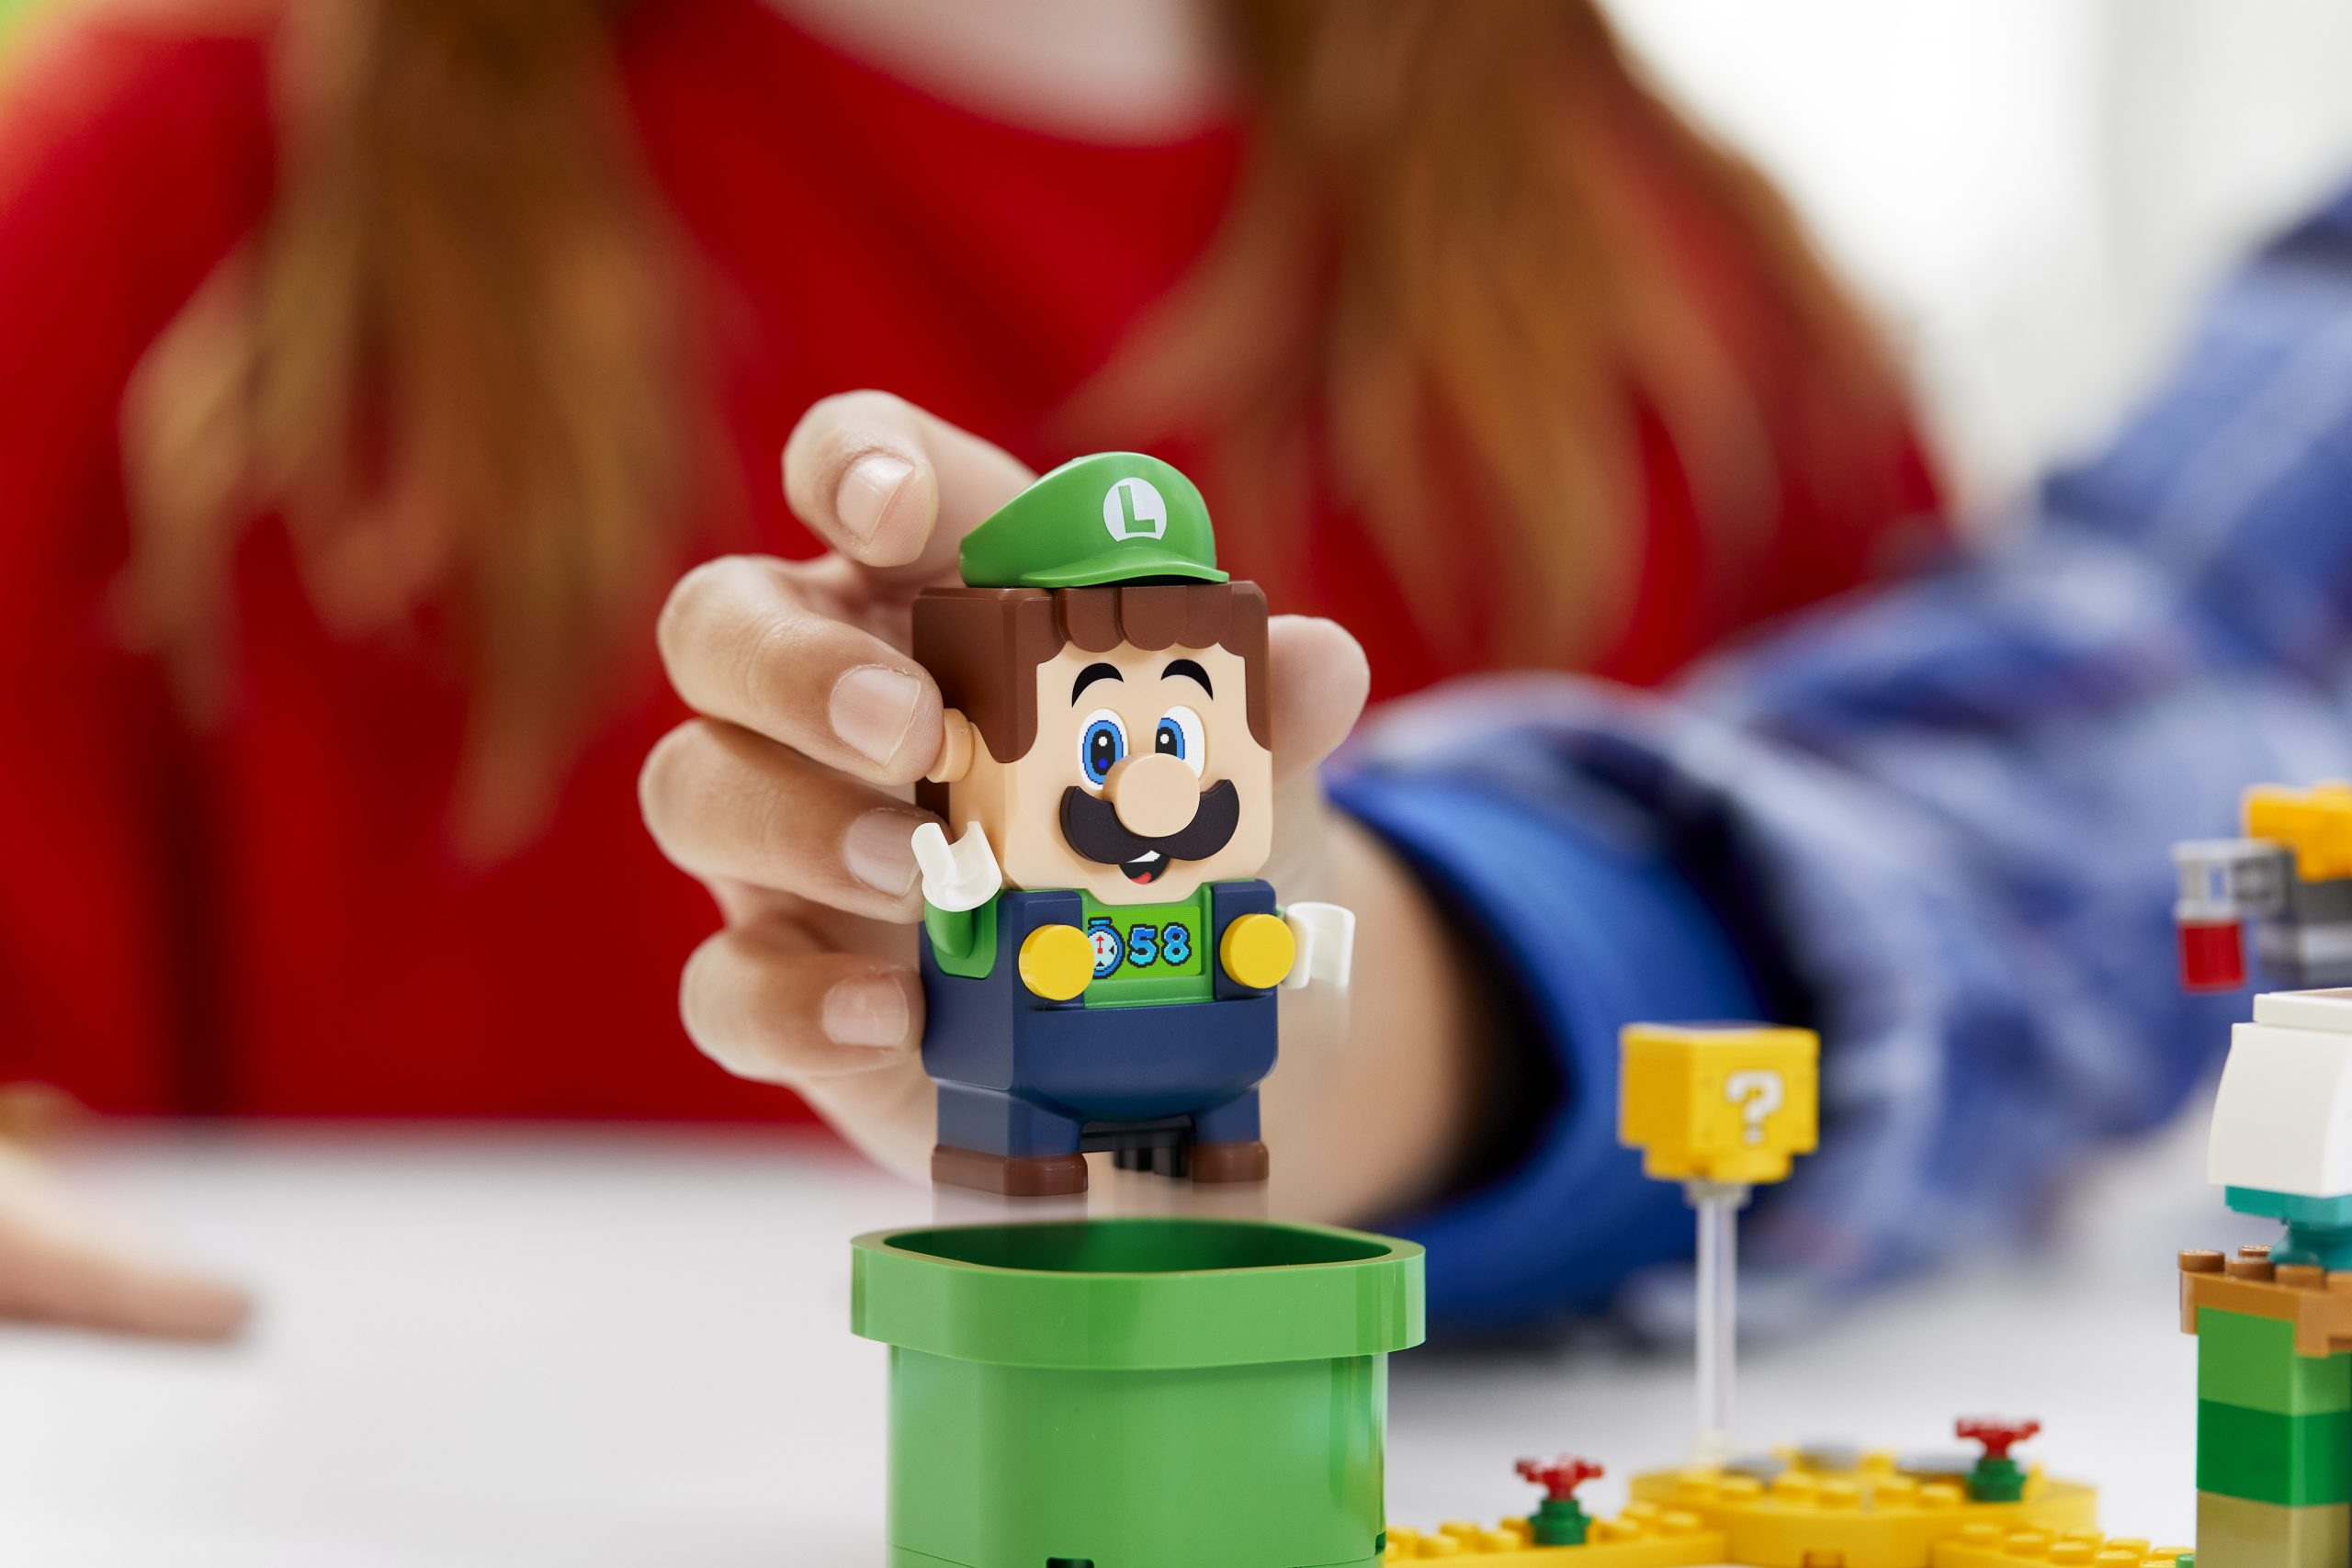 LEGO lanzará un nuevo set de Super Mario Adventures inspirado en Luigi LEGO lanzará un nuevo set de Super Mario Adventures inspirado en Luigi